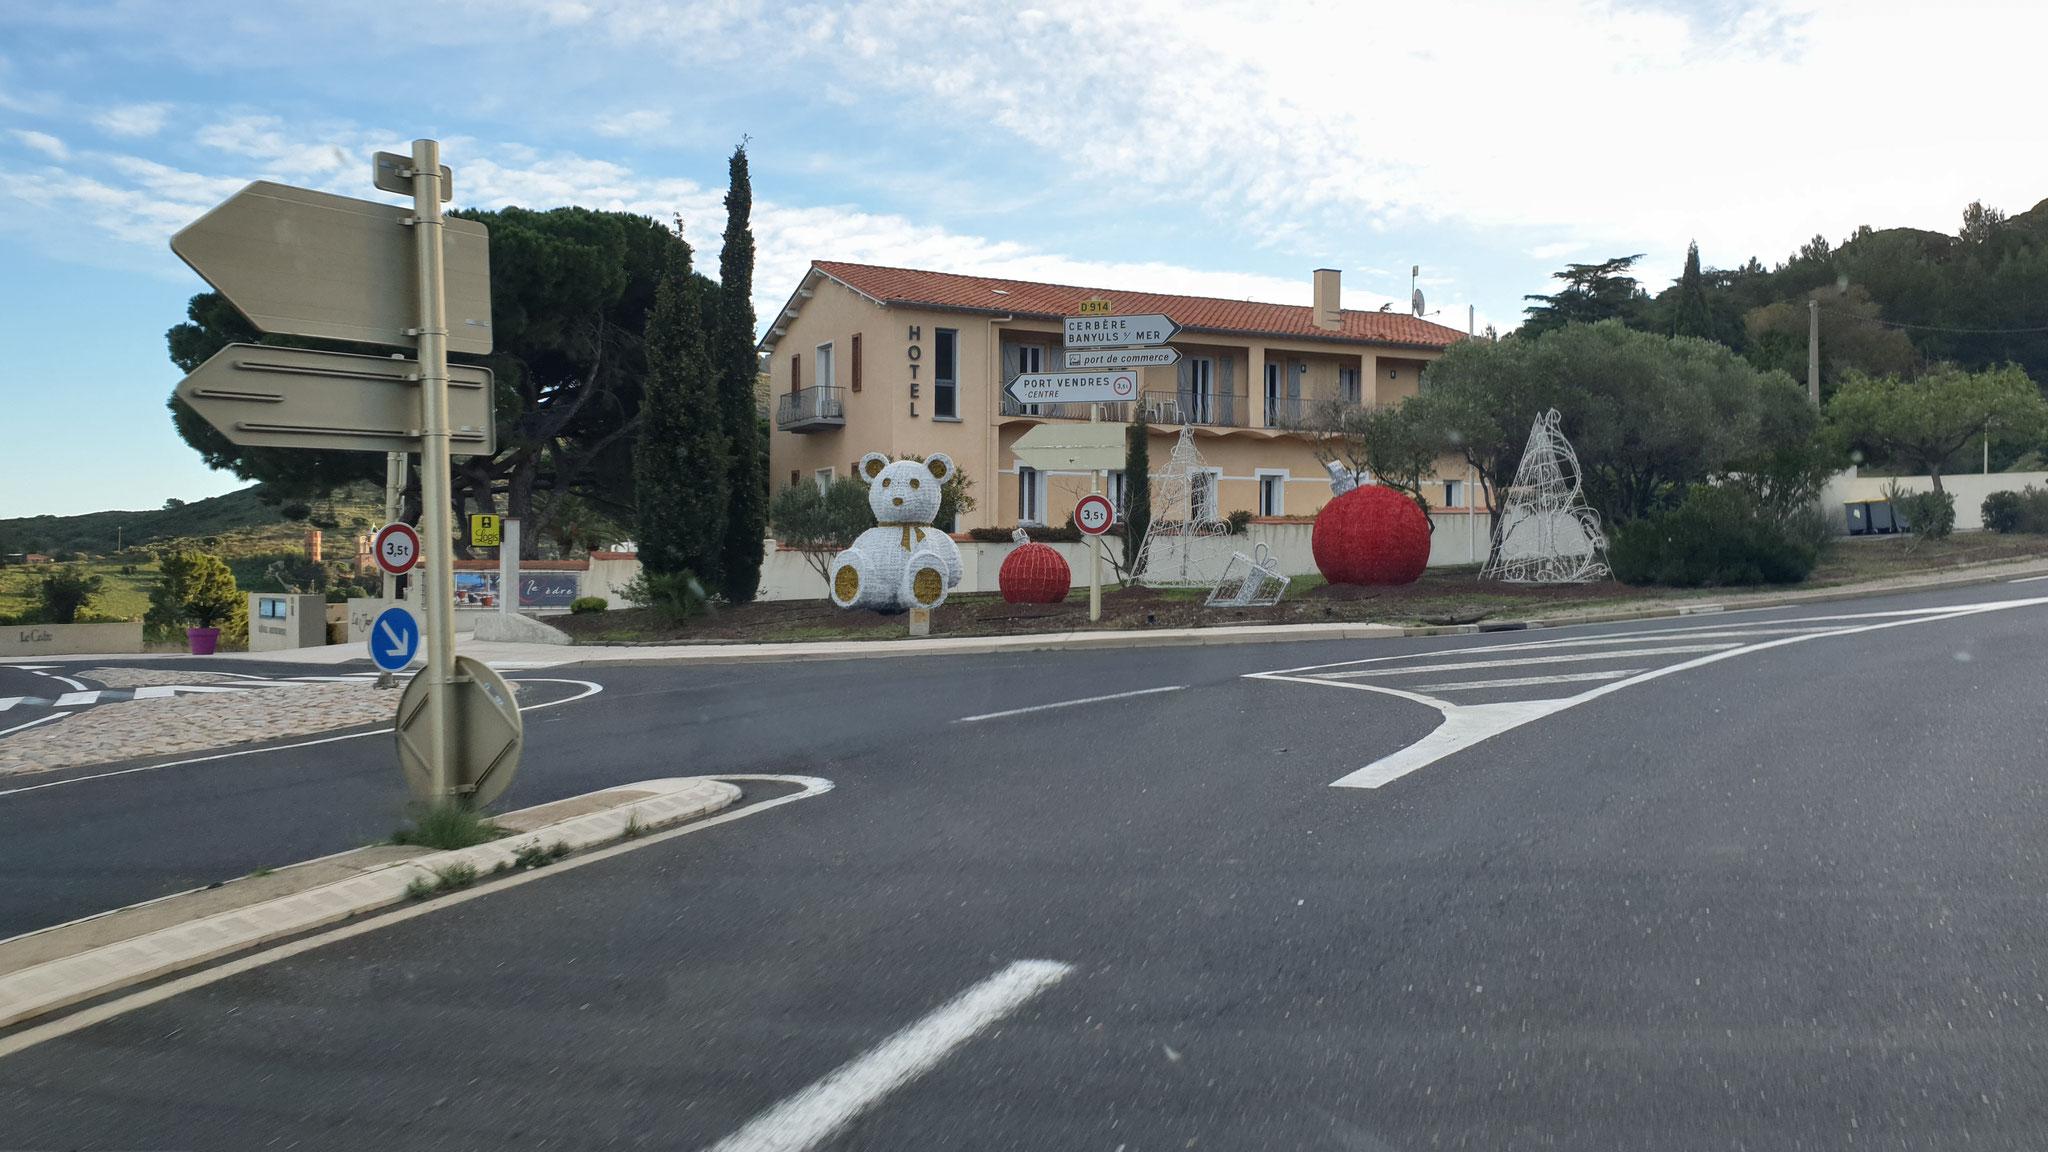 Weihnachtsteddy in Frankreich